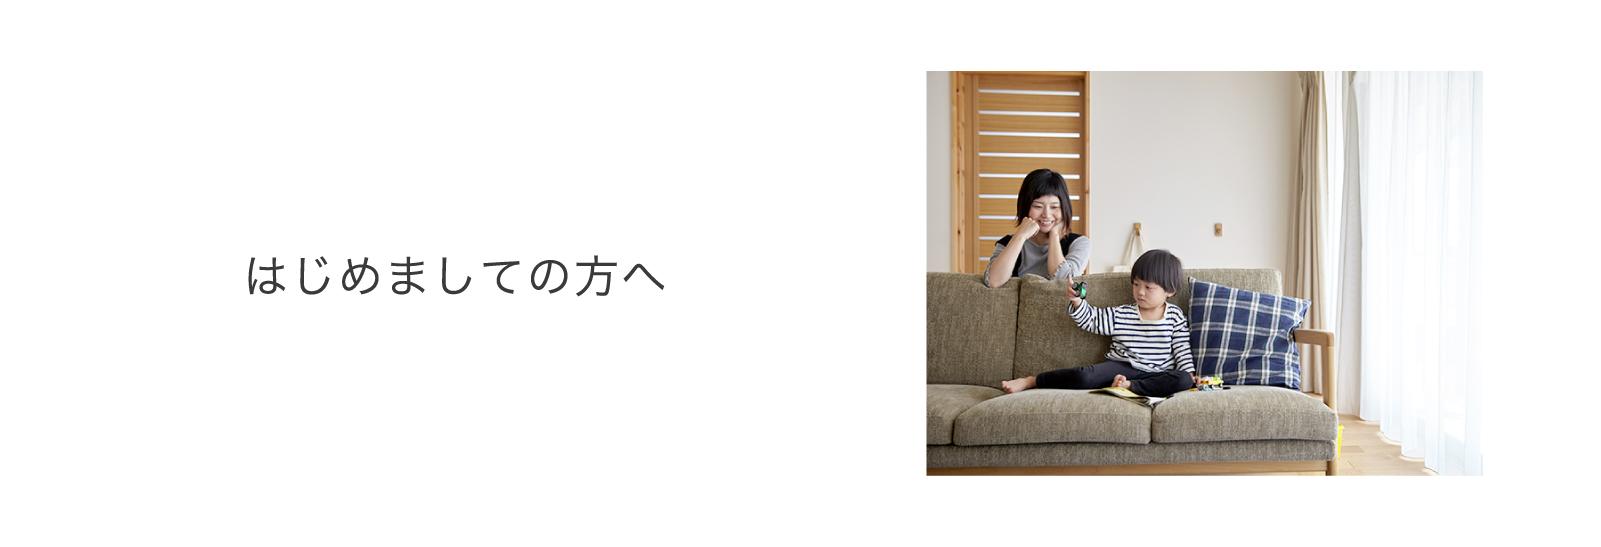 3分で分かる!小川建美の家づくり『憧れの木の家』が予算内で叶います。